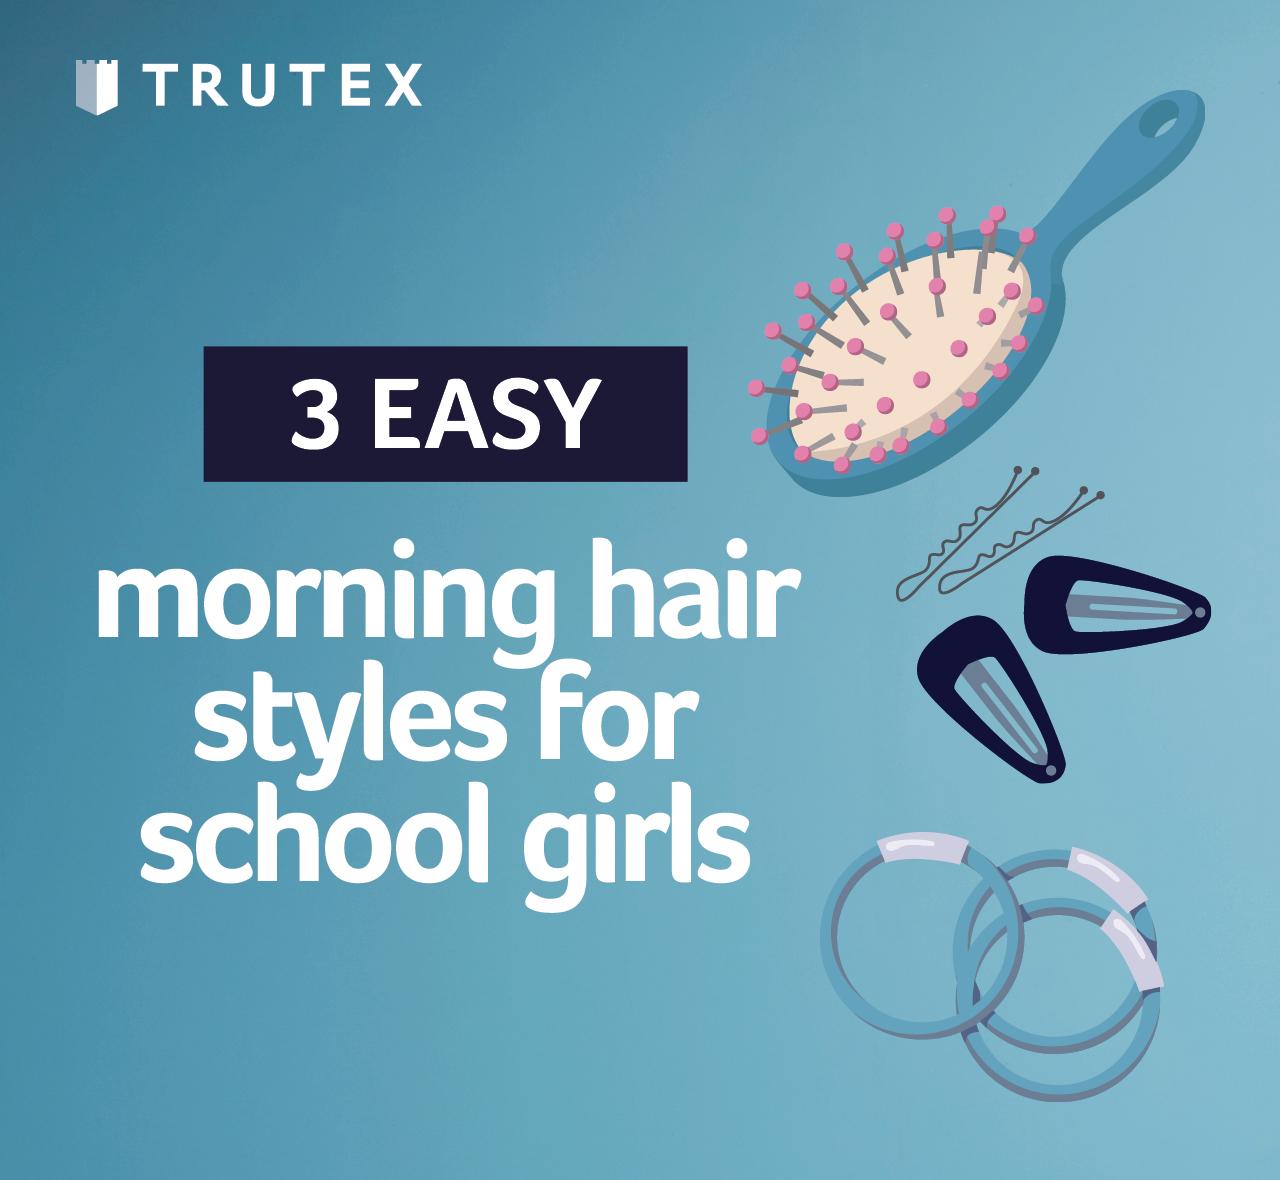 3 easy morning hair styles for school girls